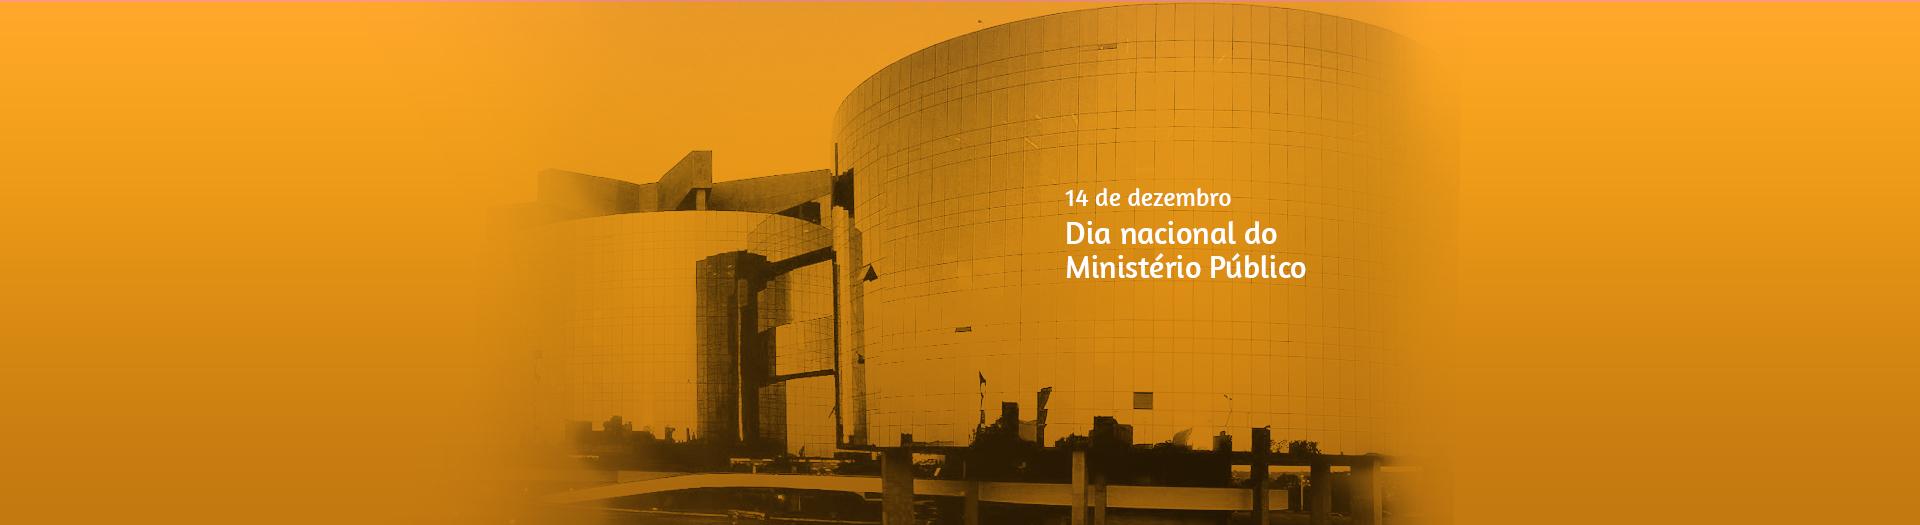 Dia-do-Ministerio-Publico_site_home